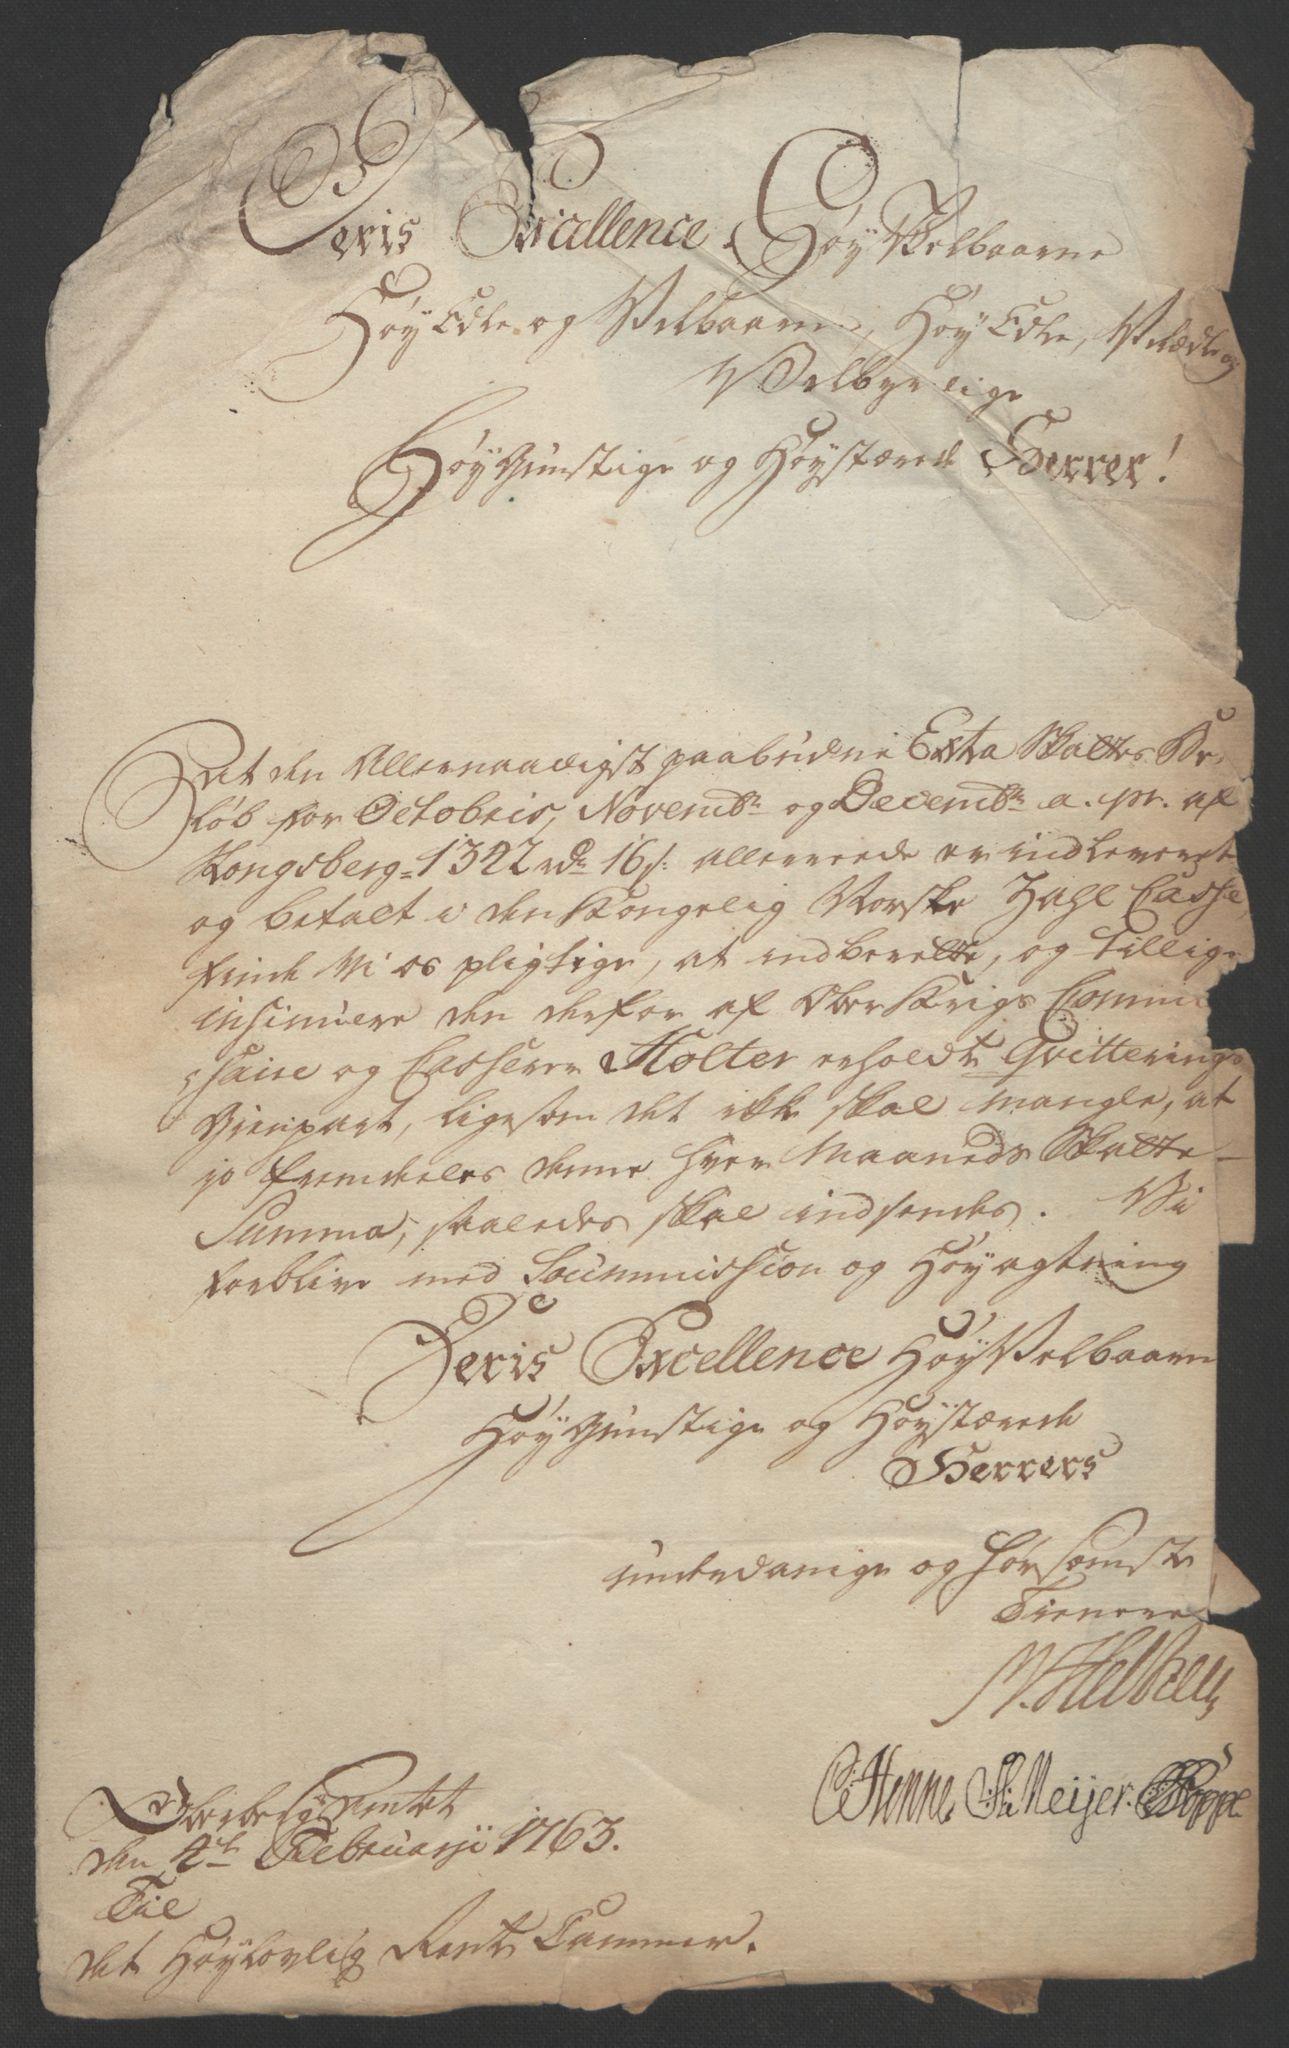 RA, Rentekammeret inntil 1814, Reviderte regnskaper, Bergverksregnskaper, R/Rc/Rca/L0843: Ekstraskatt, 1762-1765, s. 1122